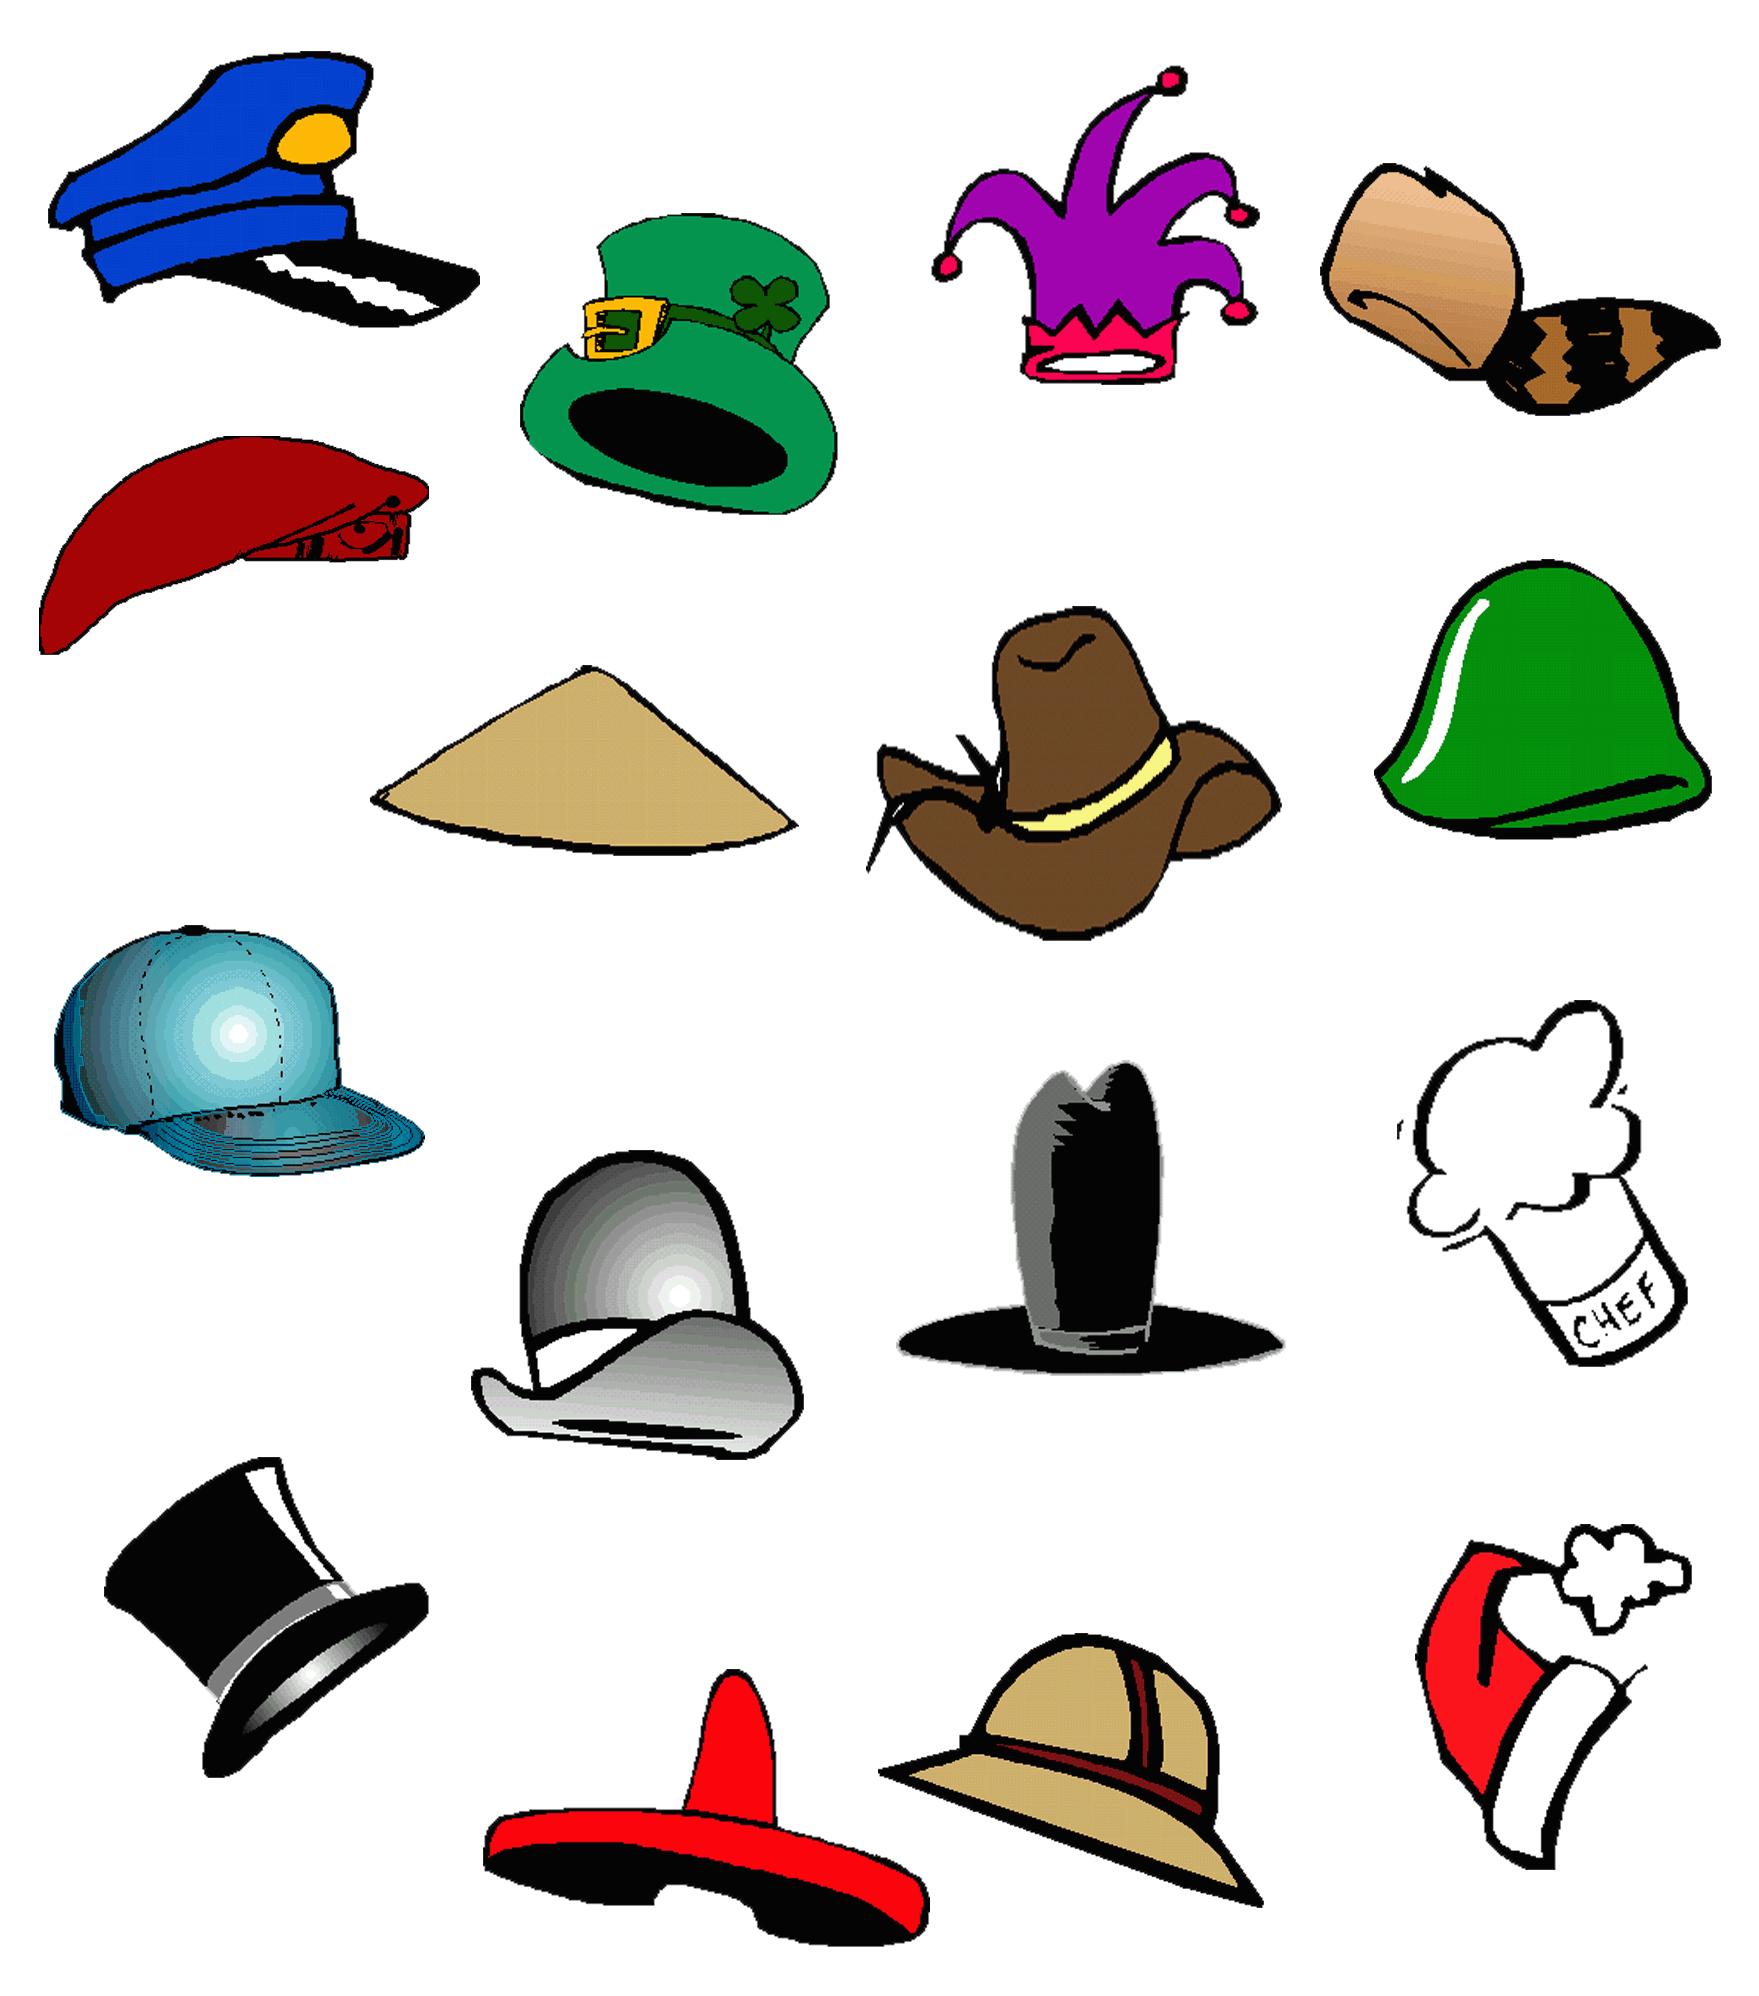 кокошниках картинки разные шляпки сожалению